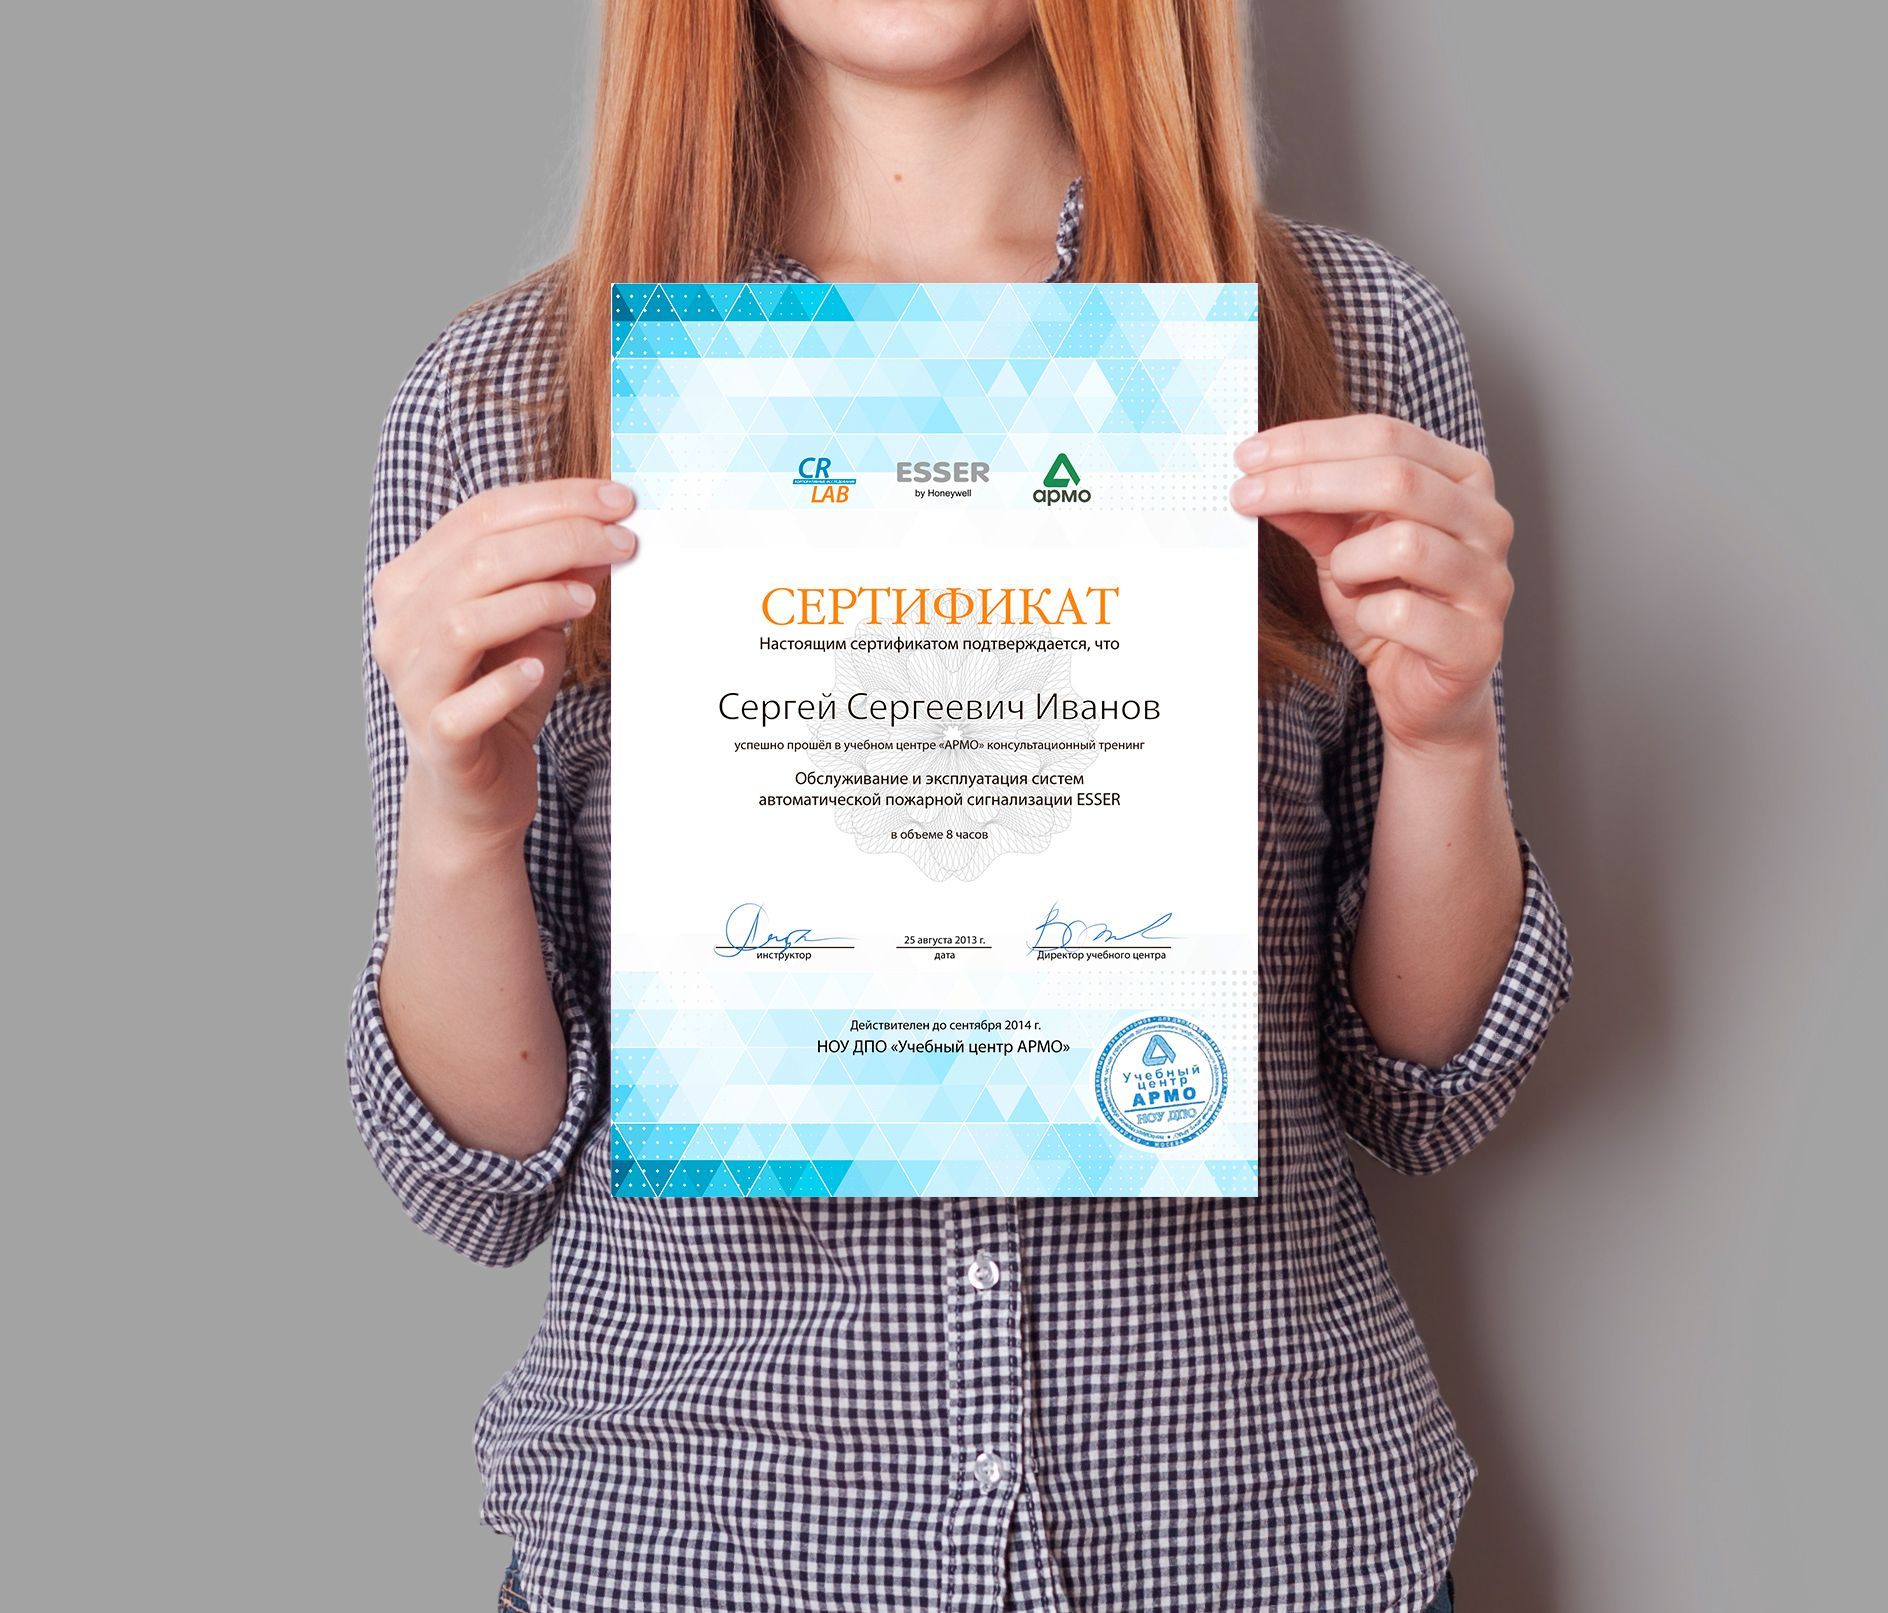 Дизайн сертификата диплома грамоты работа дизайнера sexposs Дизайн сертификата диплома грамоты дизайнер enrik